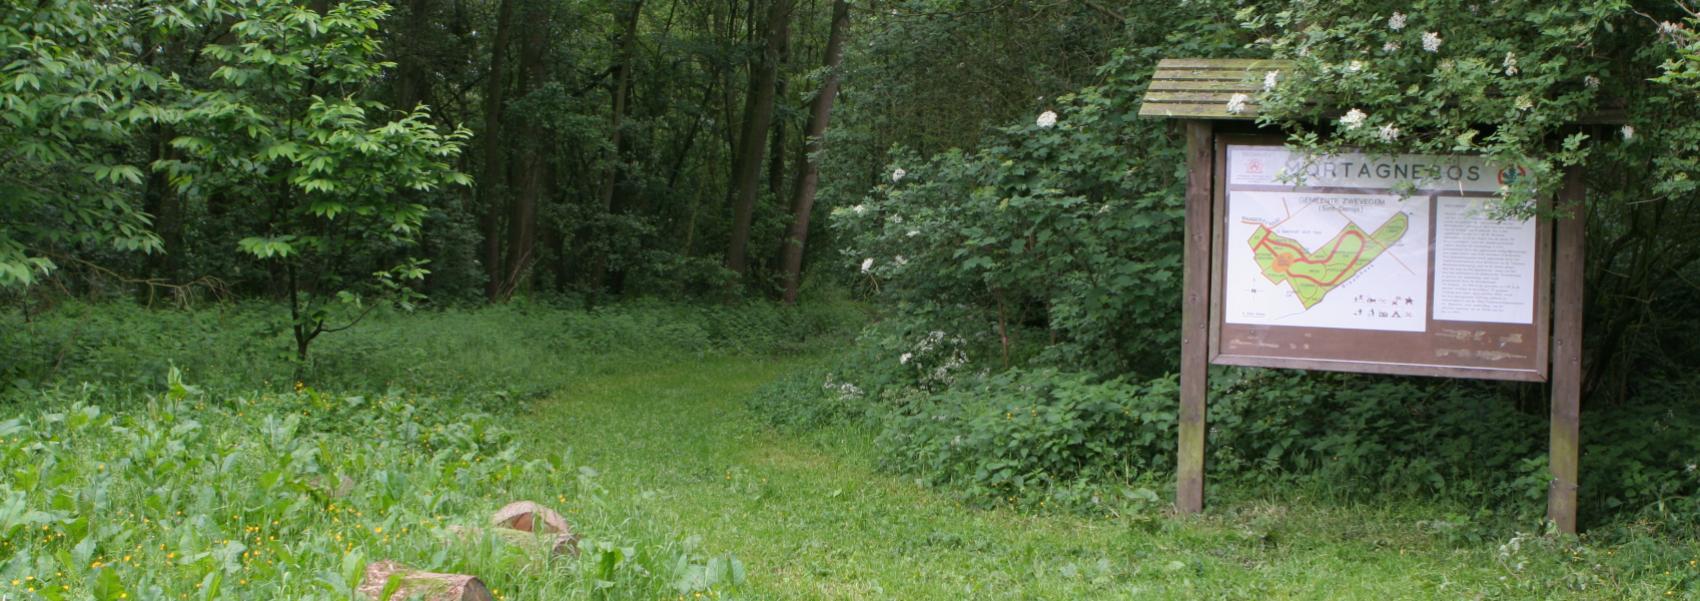 zicht op het landschap en een onthaalbord van het mortagnebos